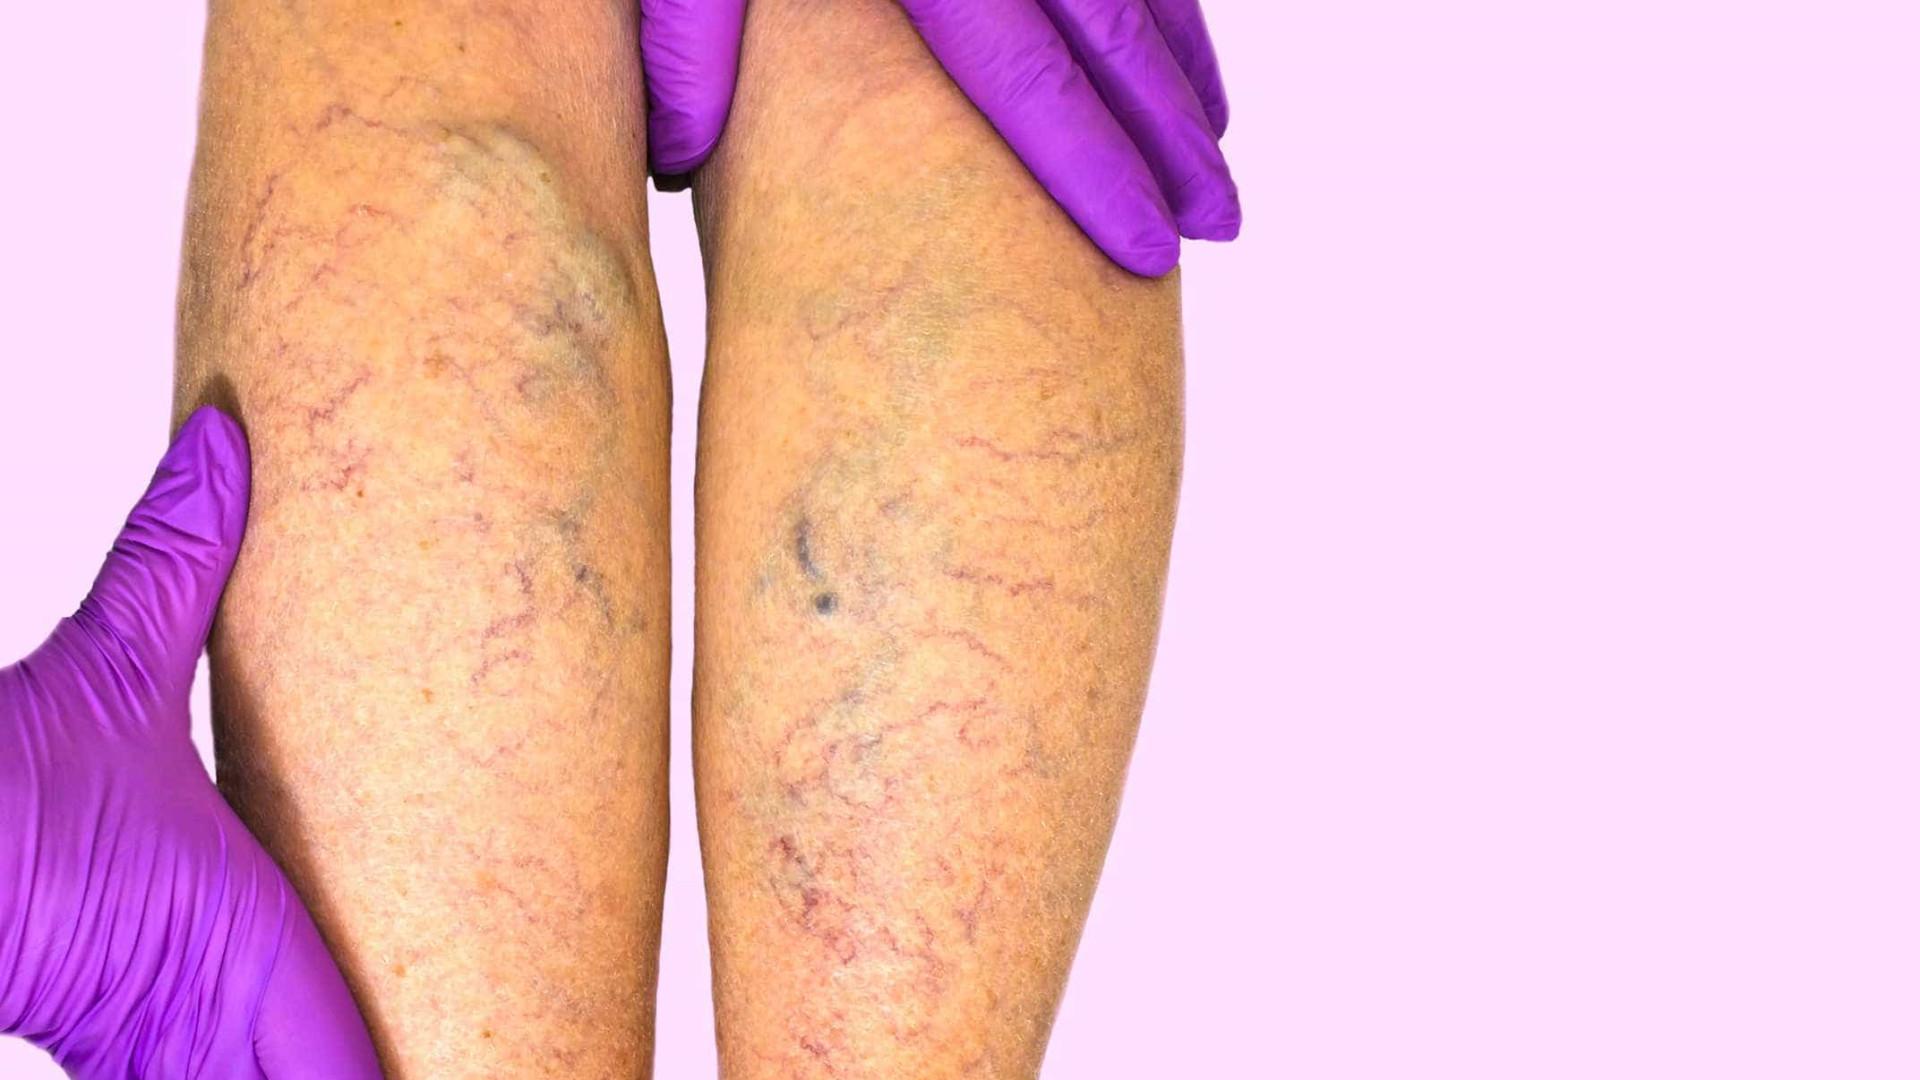 Diabetes pode causar dor nas pernas e braços